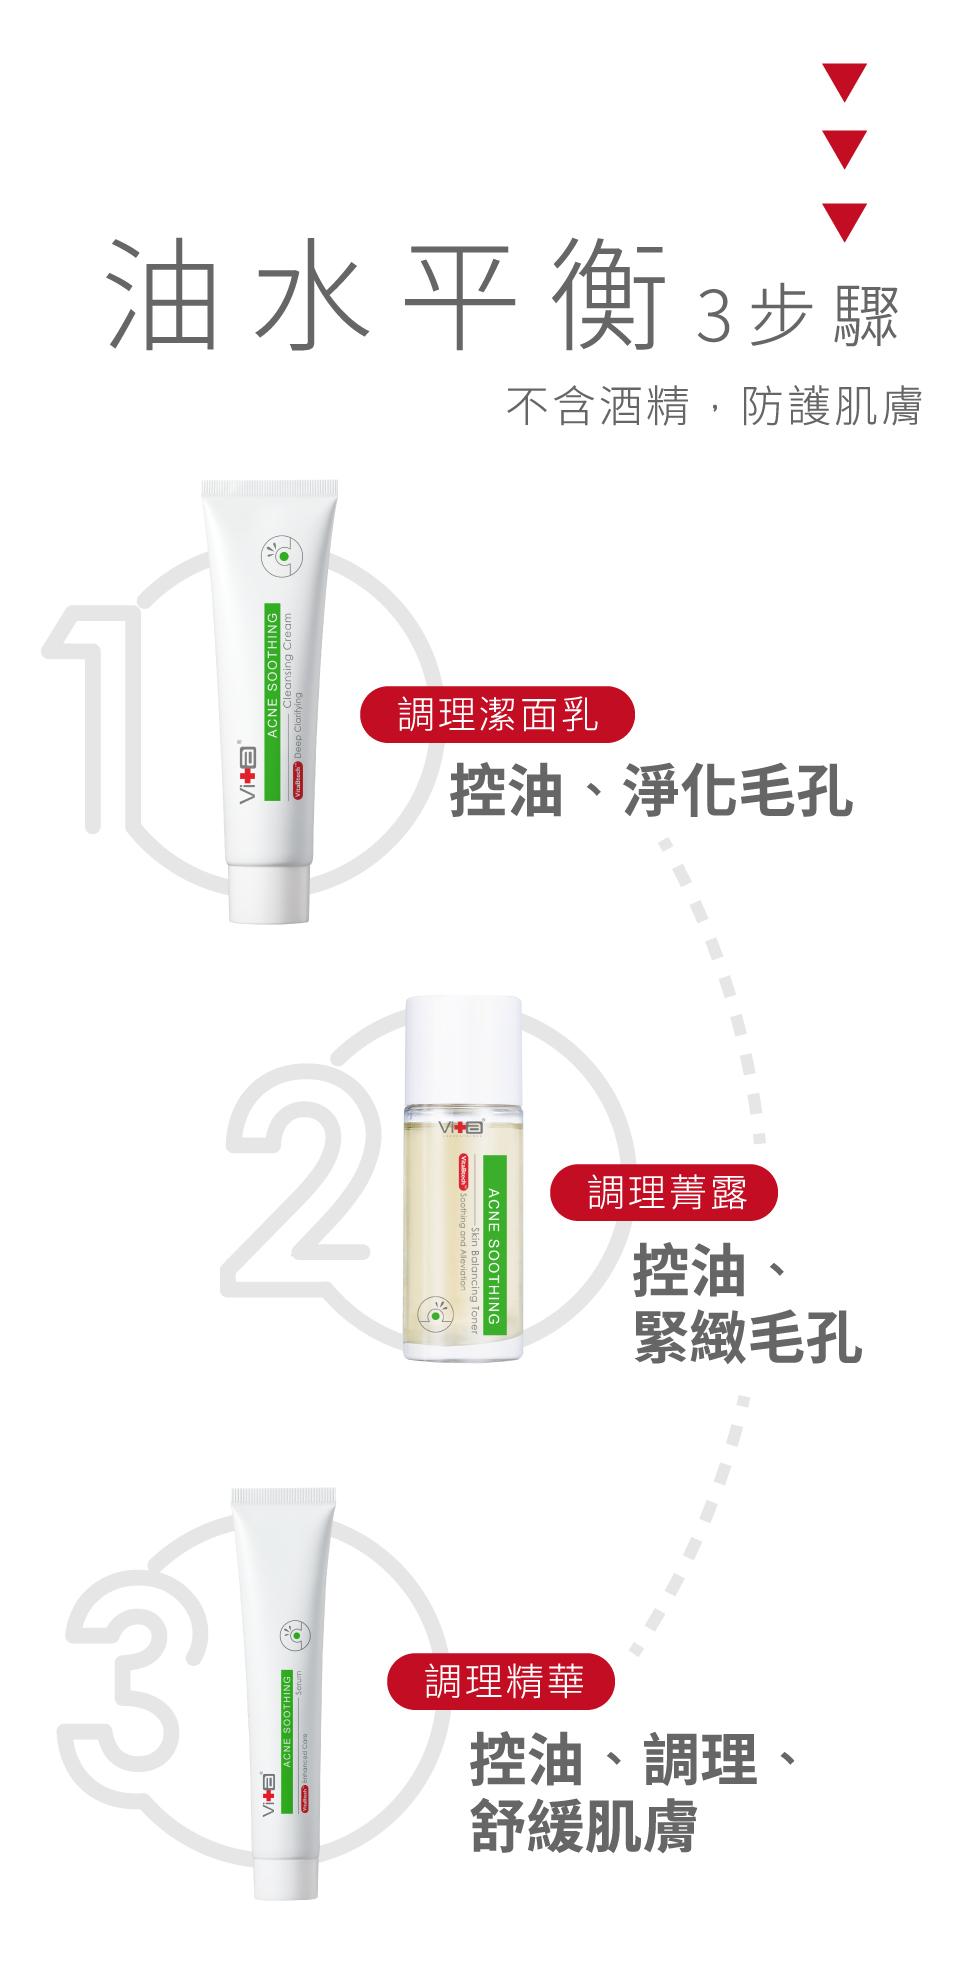 薇佳抗痘調理精華 vitabtech 油水平衡三步驟